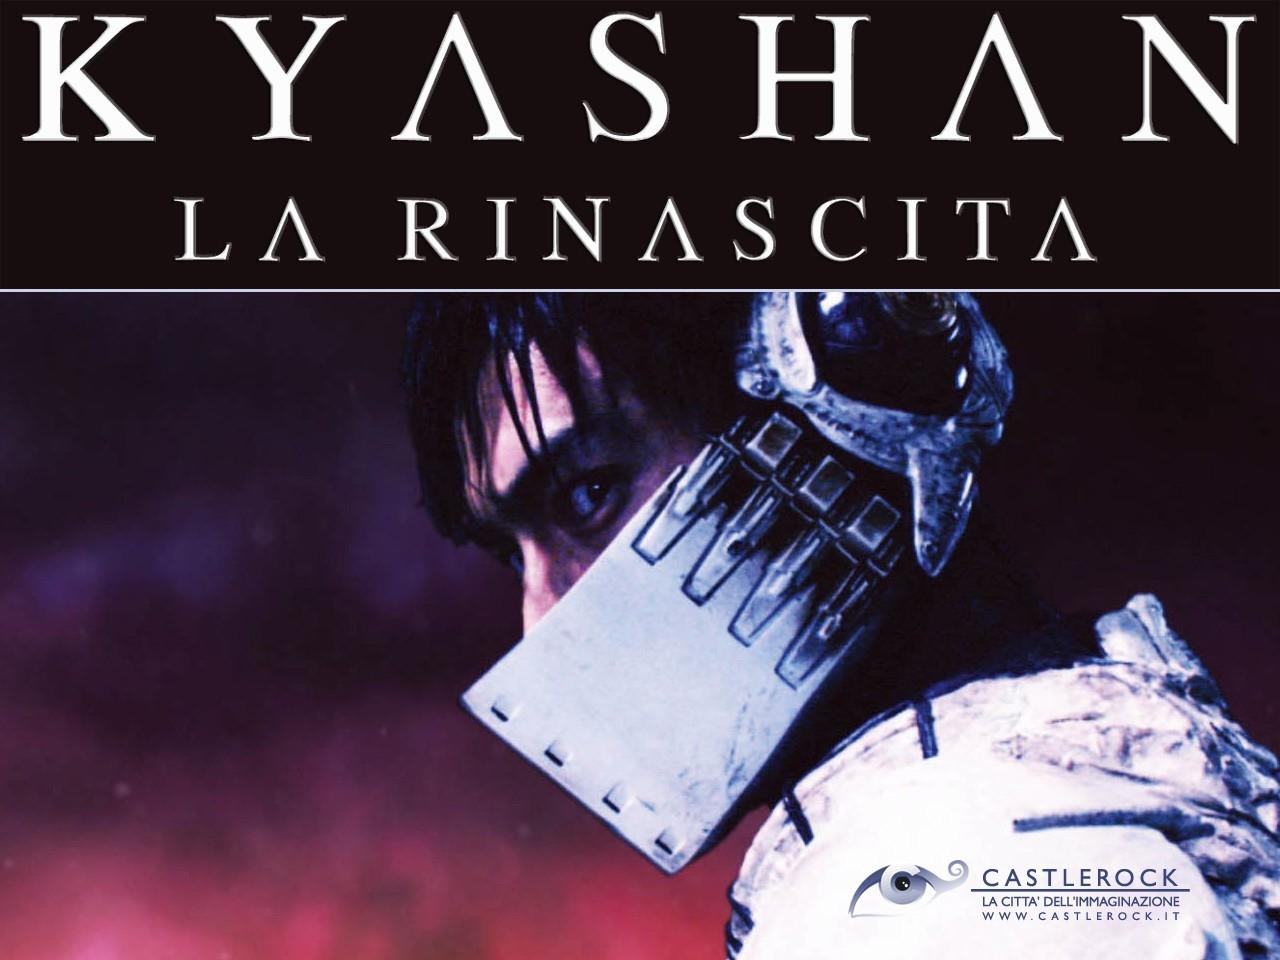 Un wallpaper del film Kyashan - la rinascita